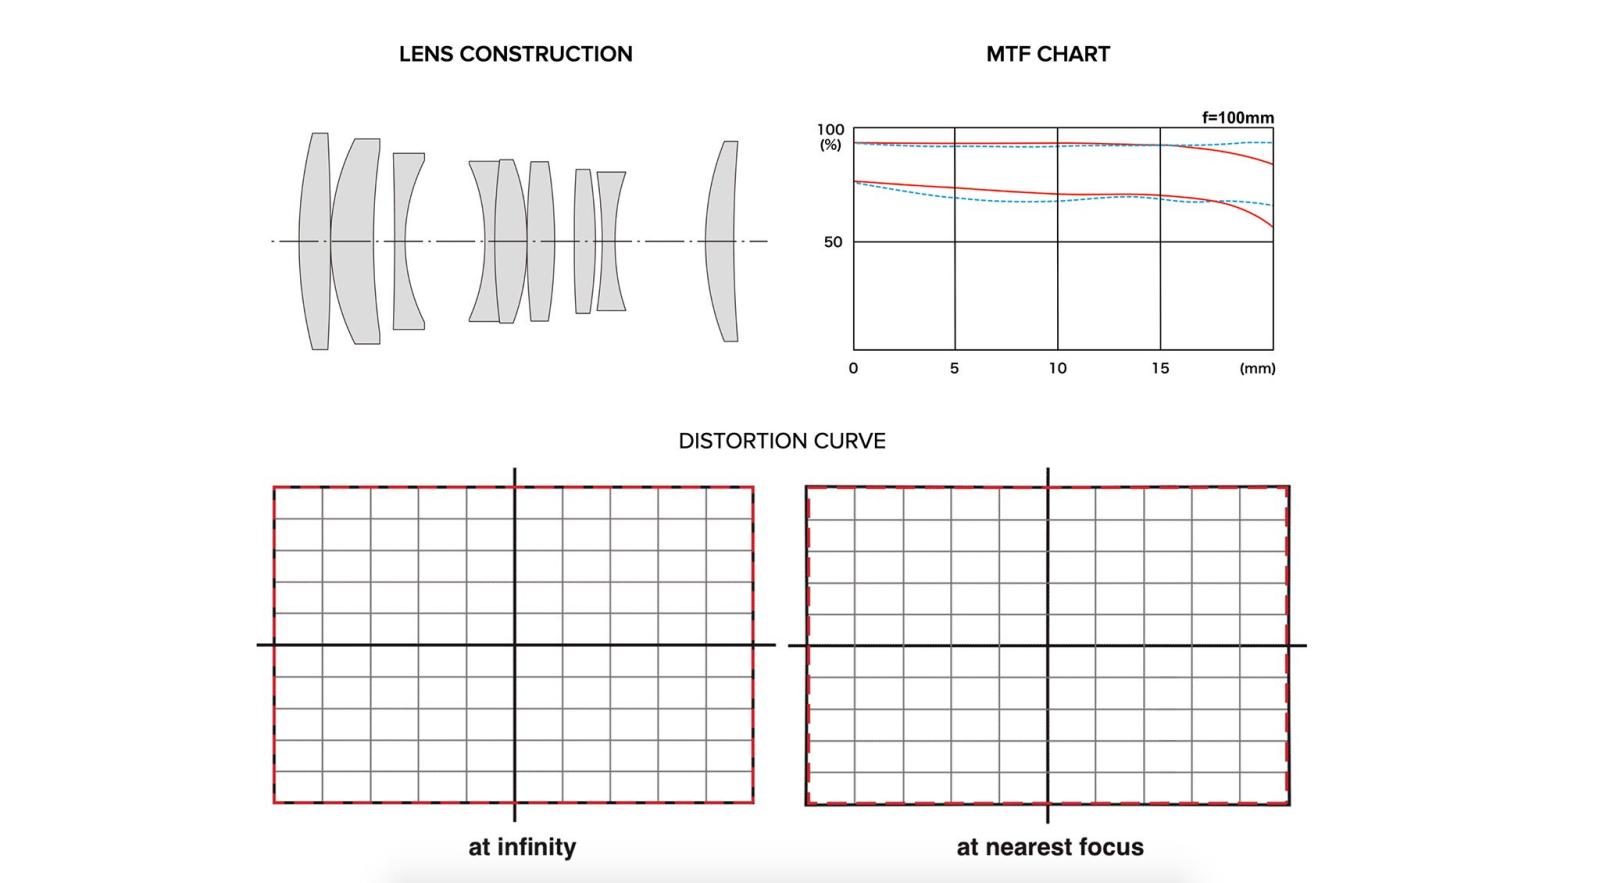 Tokina tiết lộ ống kính atx-i 100mm f/2.8 Macro FF cho Canon và Nikon Tokina tiet lo ong kinh atx i 100mm f 2 8 Macro FF cho Canon va Nikon Binhminhdigital 1